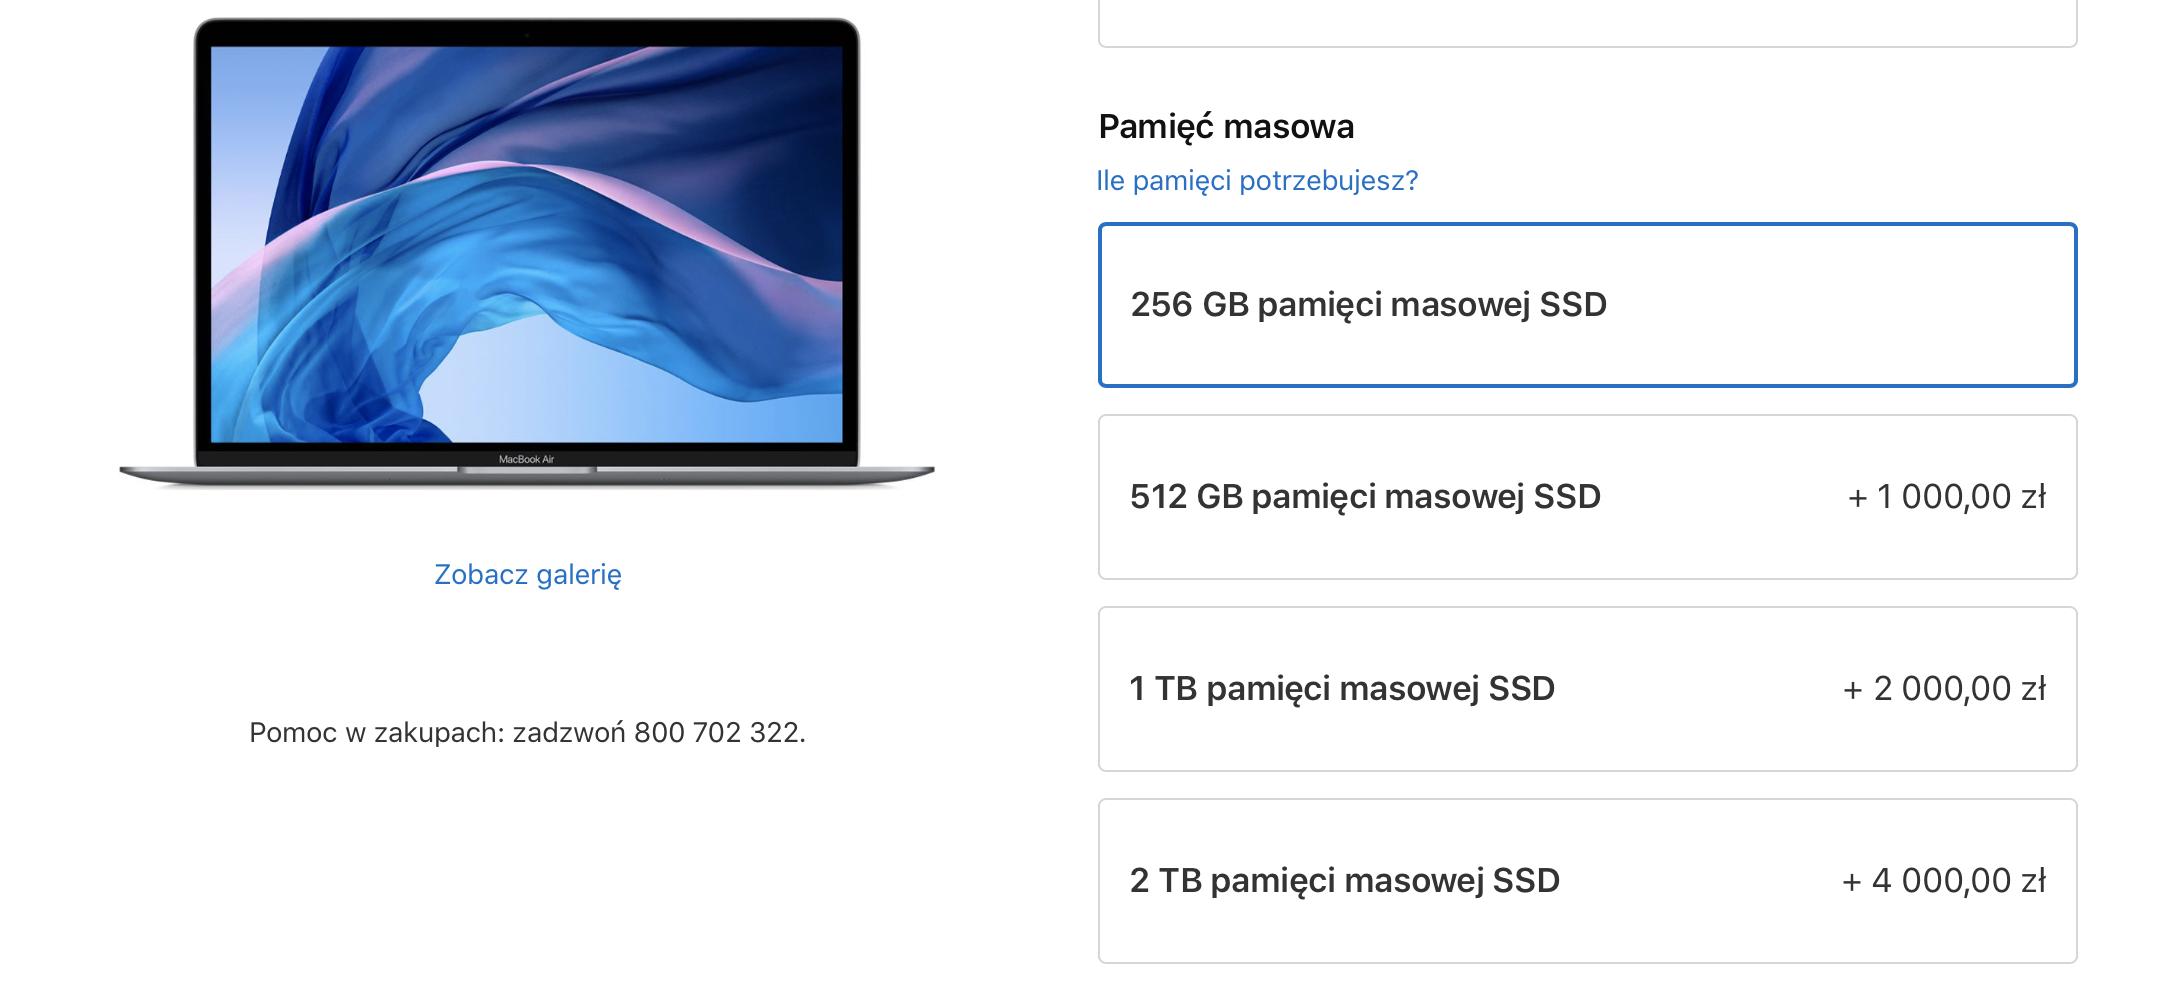 Apple wreszcie zrozumiało, że dysk 128 GB w komputerze to jednak za mało 16